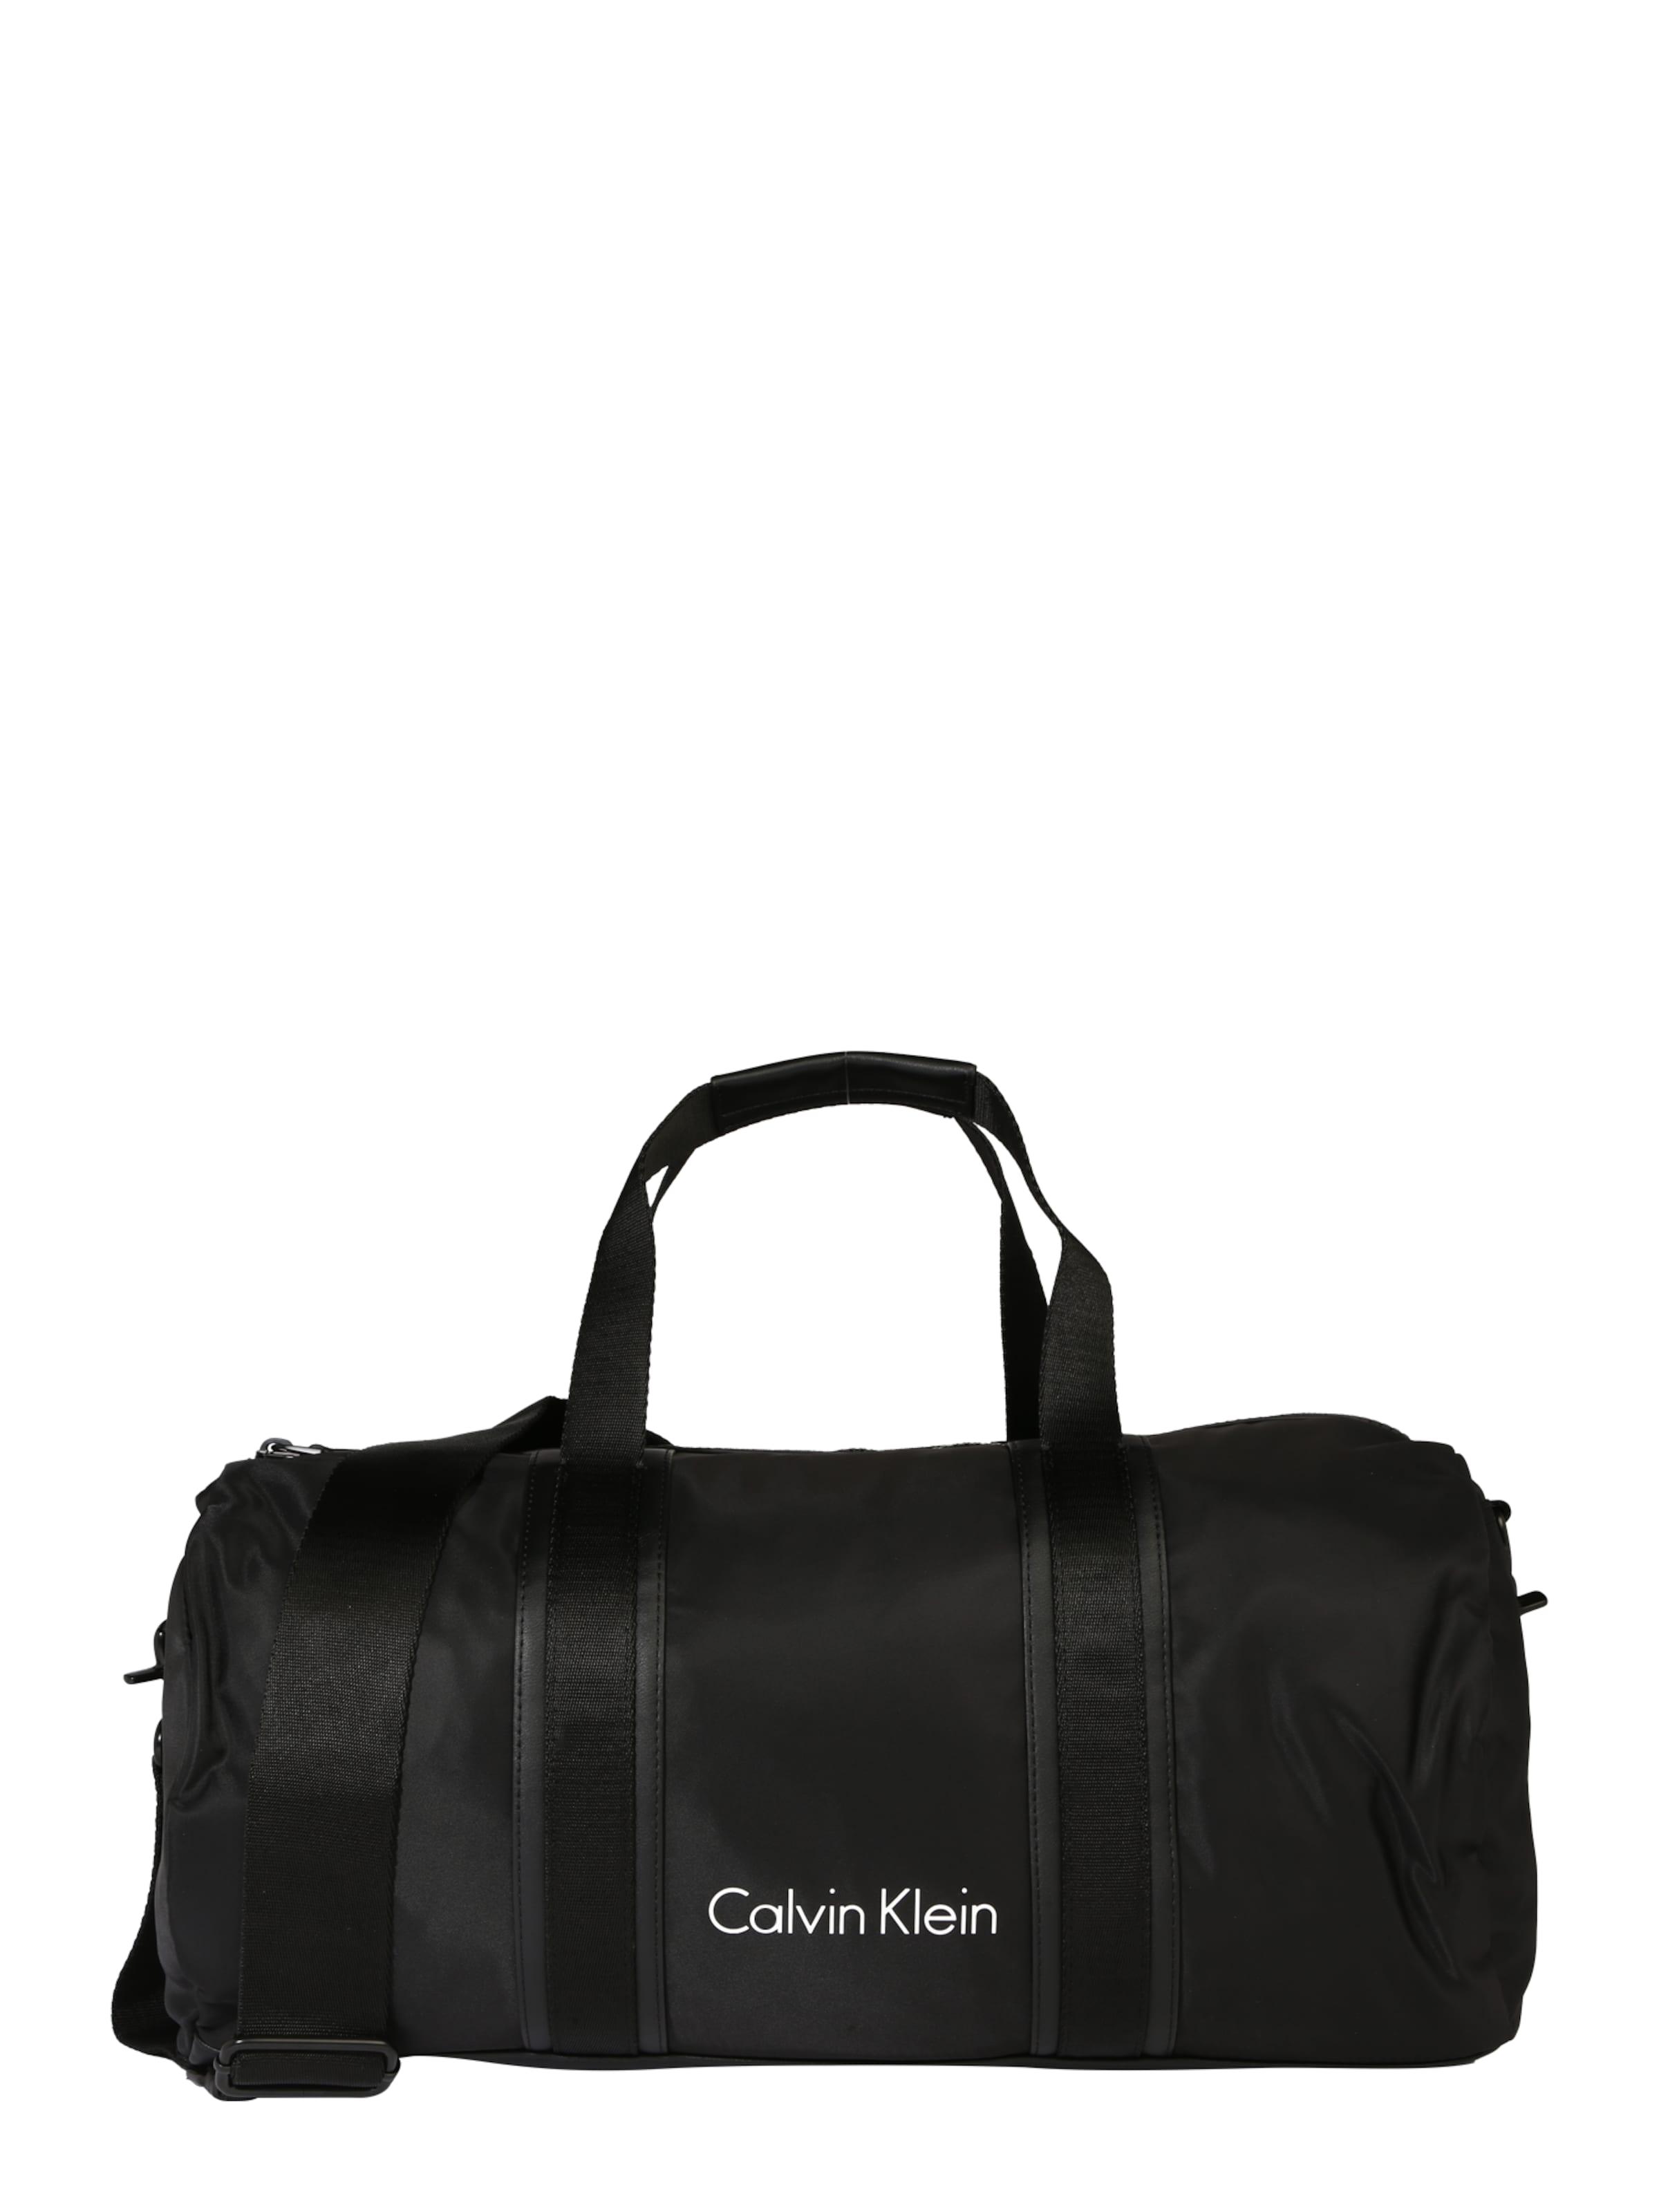 Footlocker Bilder Calvin Klein Weekender 'BLITHE CYLINDER DUFFLE' Freies Verschiffen Versorgung Auslass Viele Arten Von Kaufen Online-Outlet GhgvNn8Z